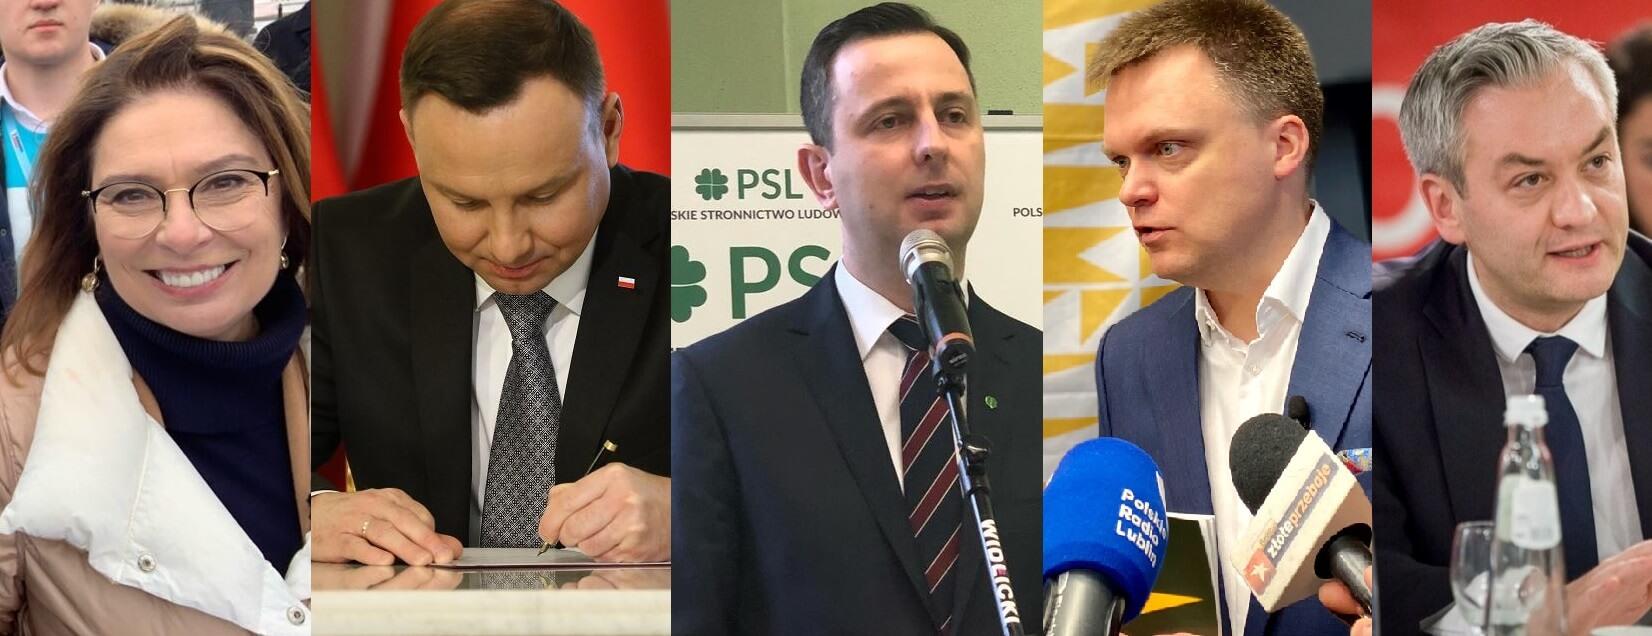 Sondaż przedwyborczy. Andrzej Duda może przegrać aż z trzema konkurentami